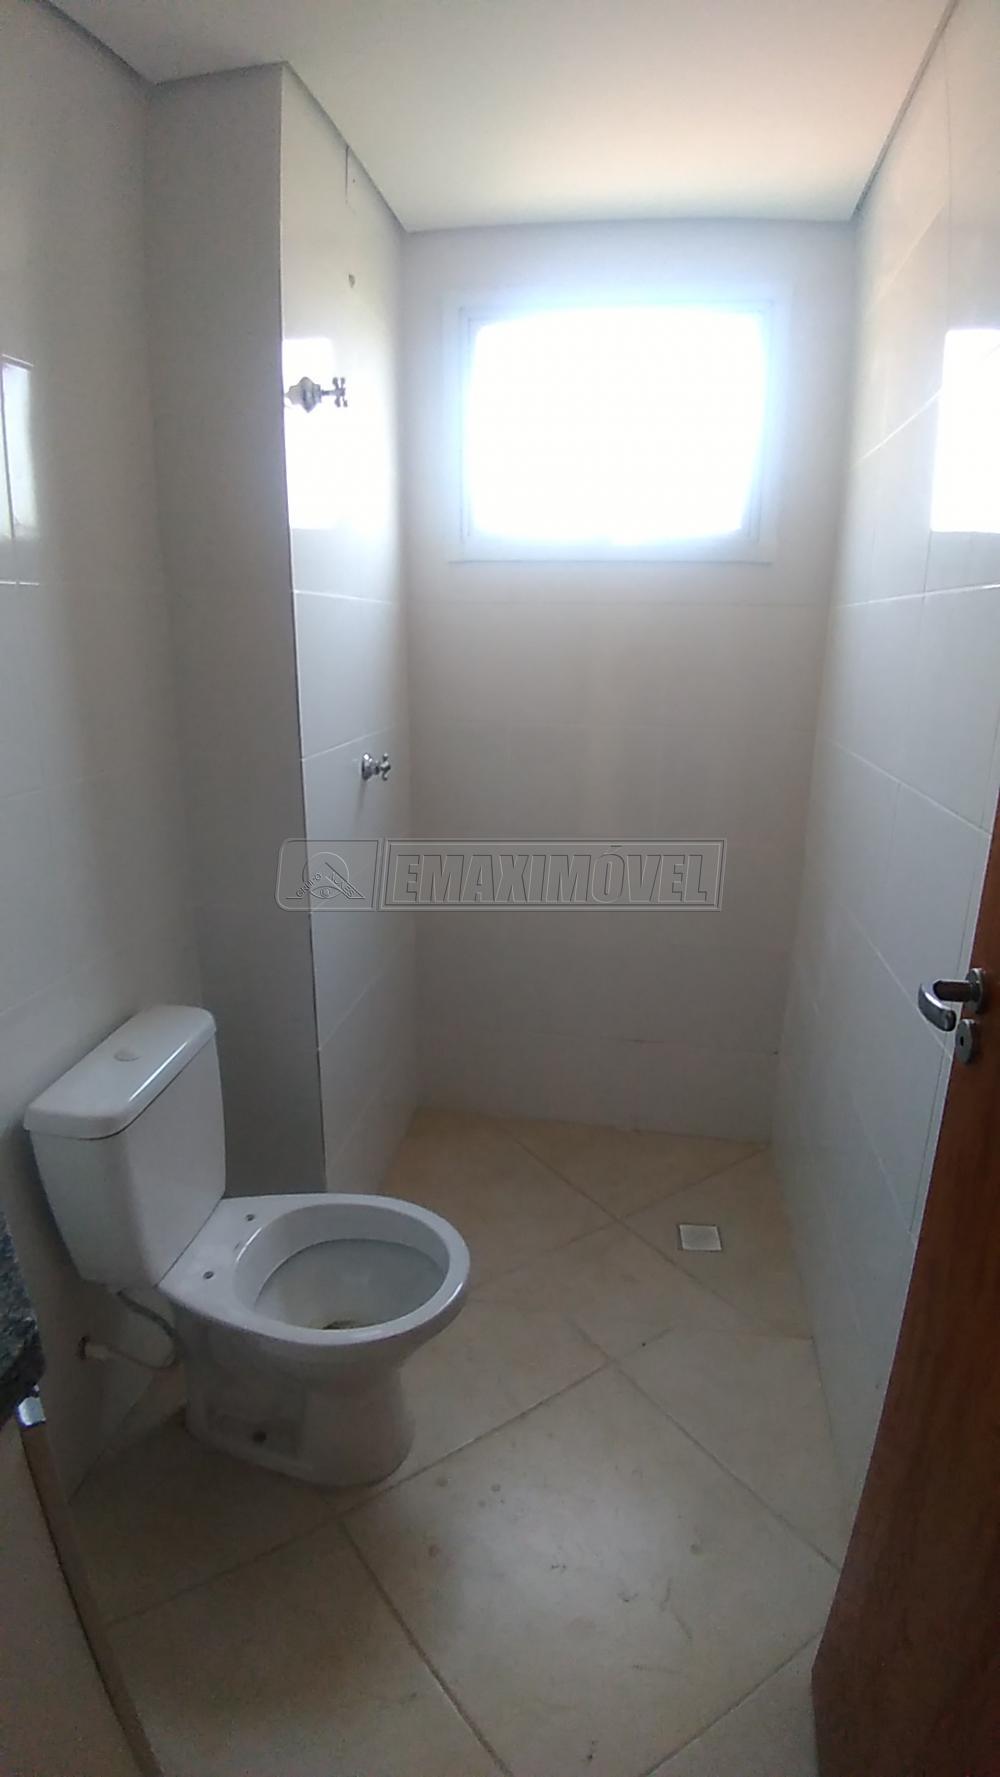 Alugar Apartamento / Padrão em Sorocaba R$ 890,00 - Foto 7